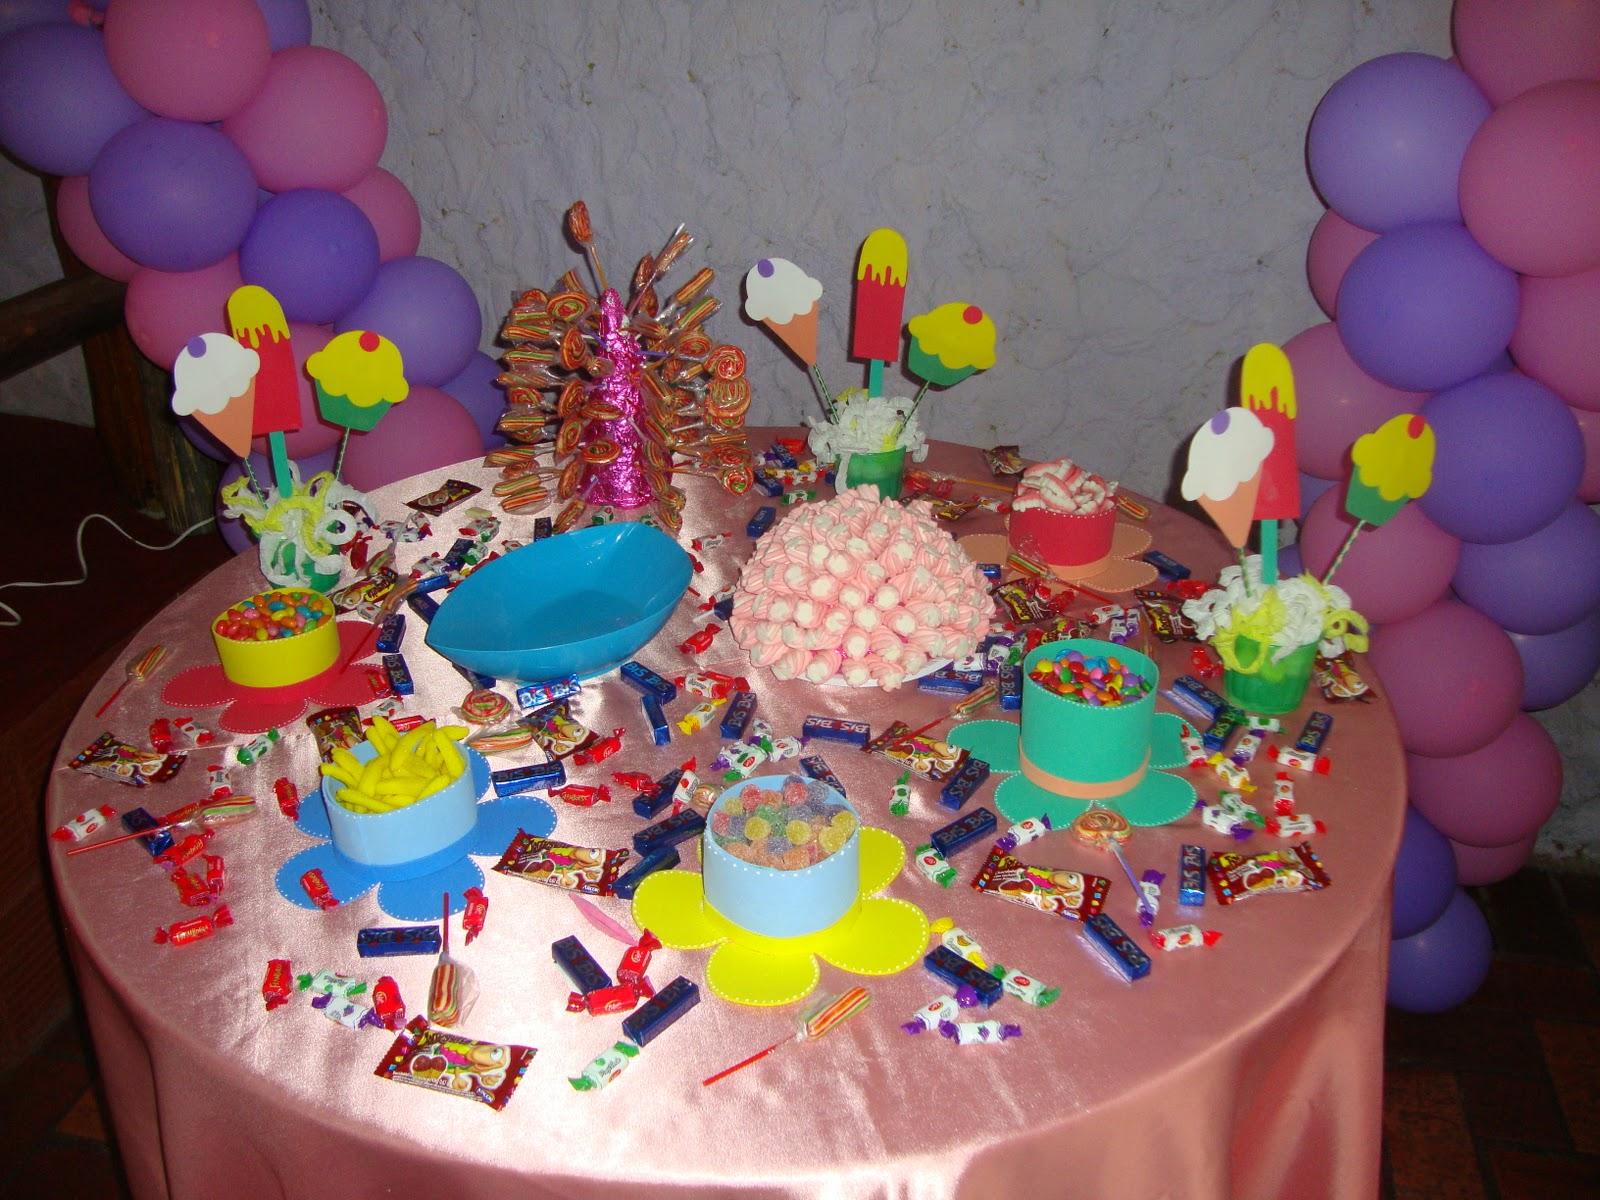 http://3.bp.blogspot.com/_XLIuhncTfGk/TMgBonhuC1I/AAAAAAAAAAc/CdtlJ8Bhv6E/s1600/Niver+04+Anos+-+Princesas+015.jpg